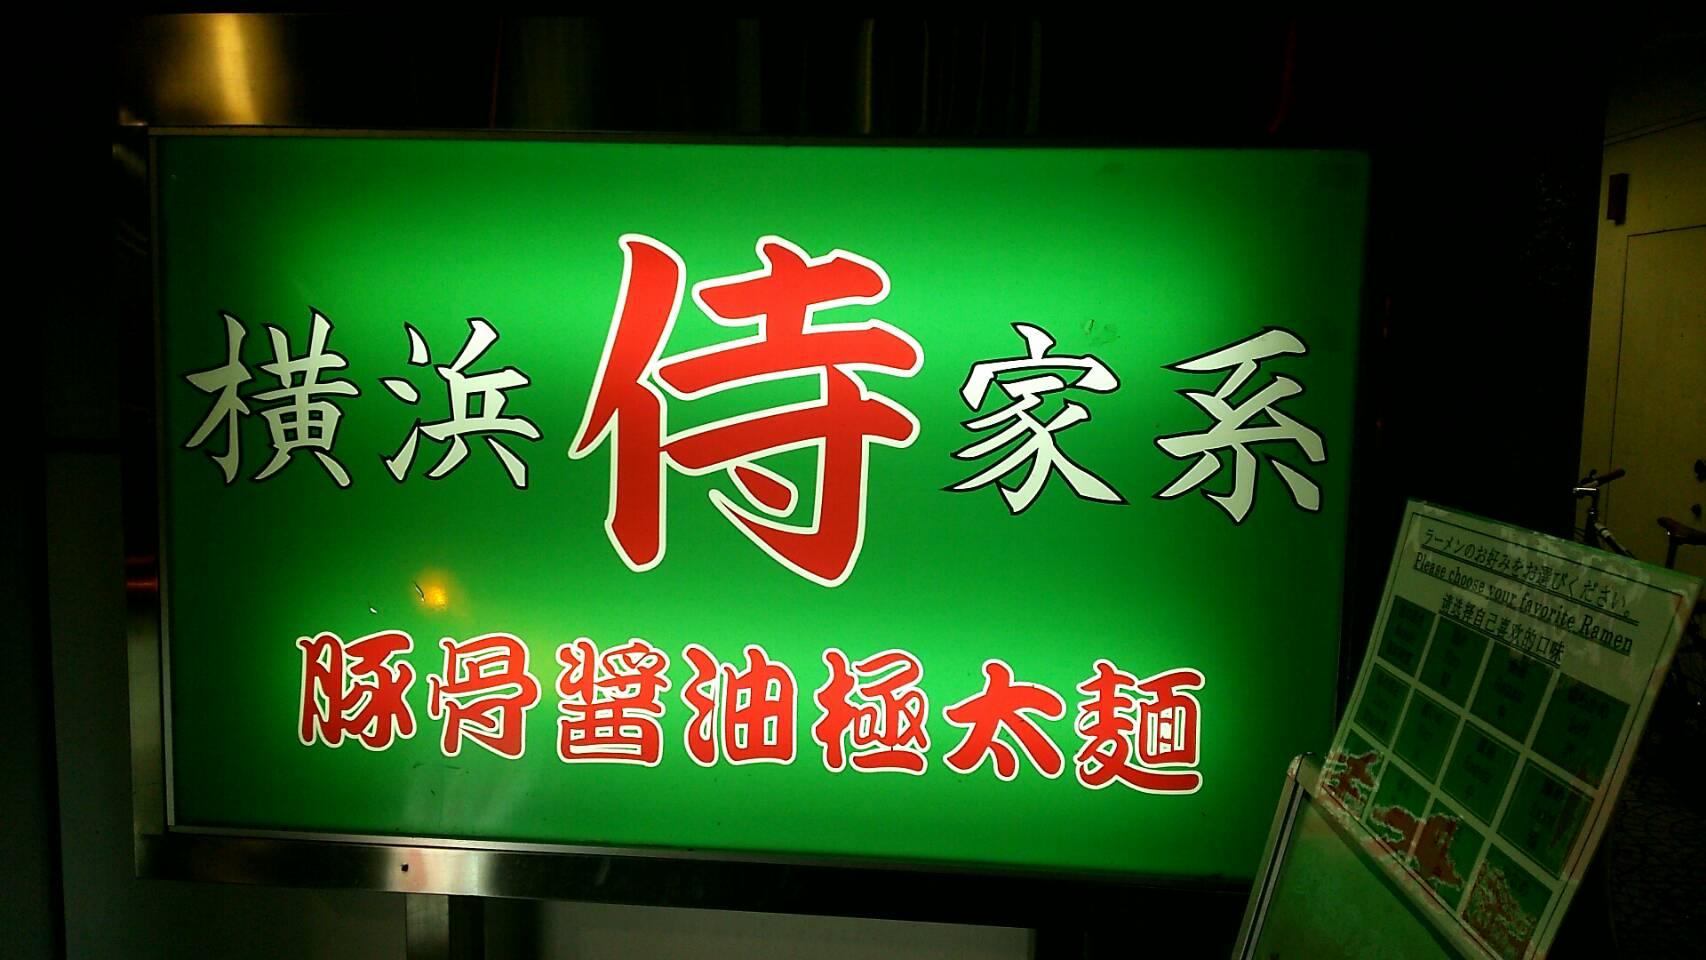 【レビュー】名古屋市伏見 侍 伏見店 に行ってきた